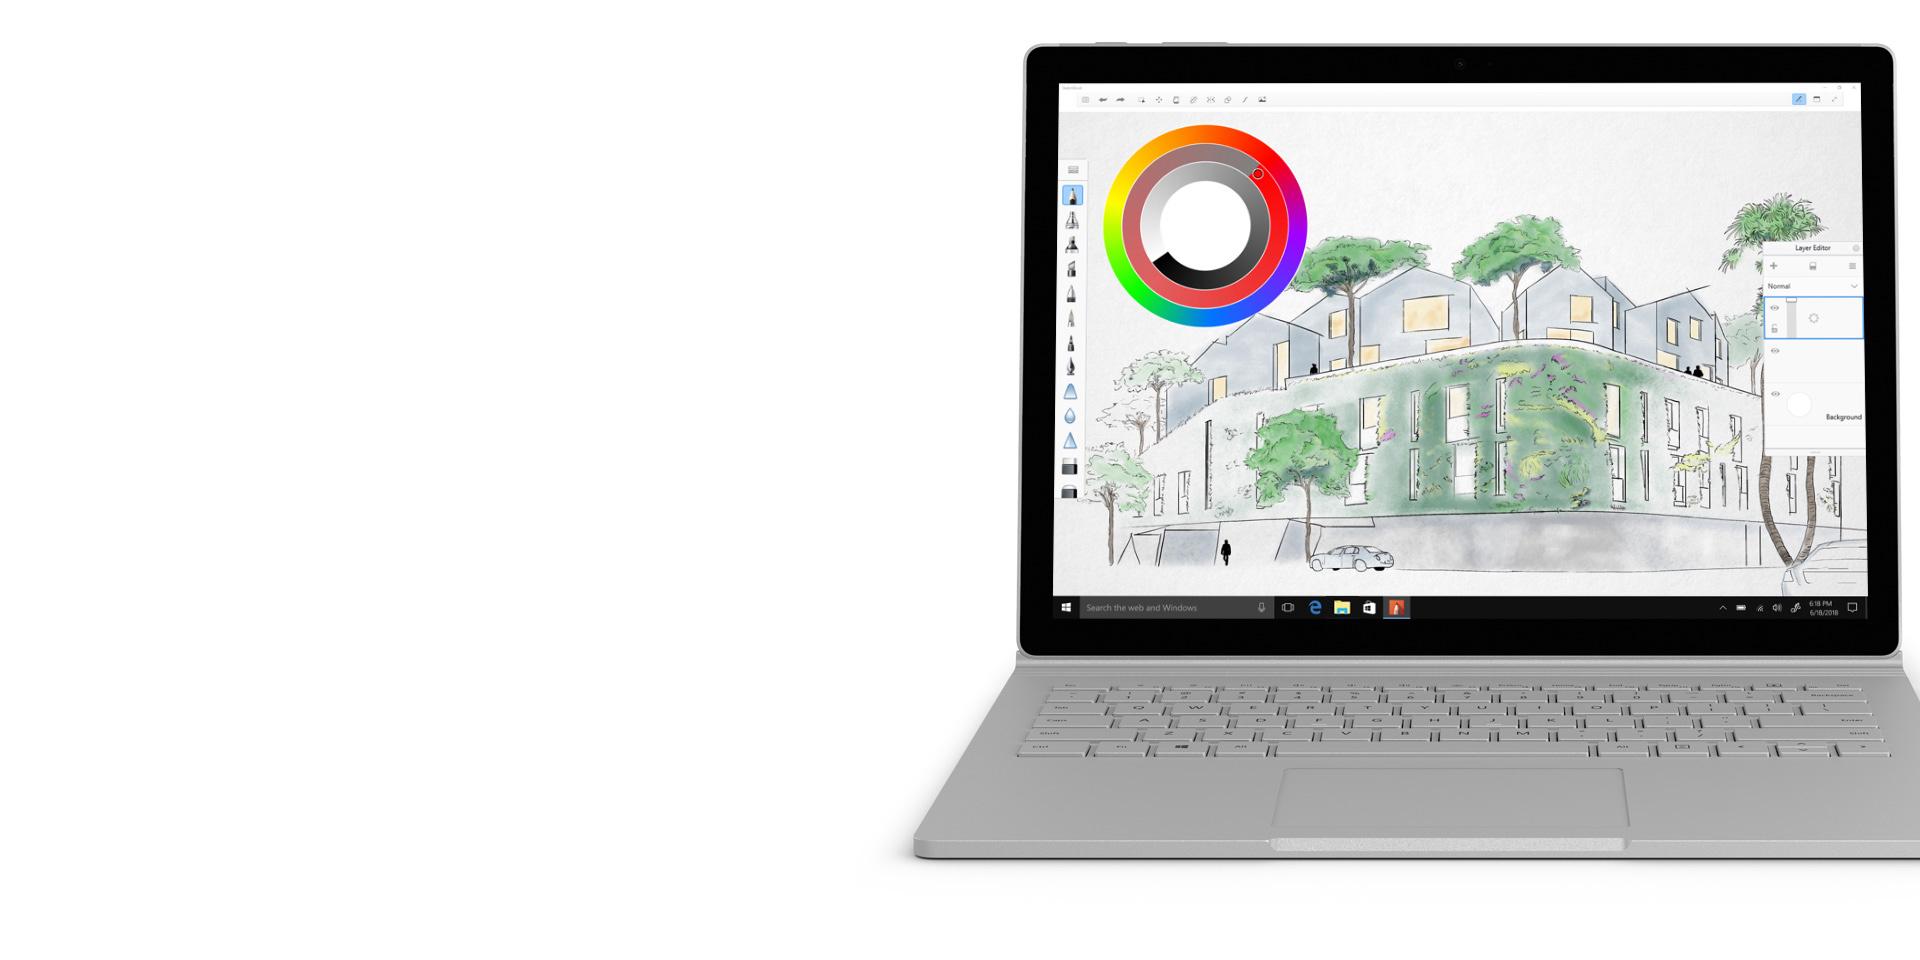 Autodesk SketchBook op een Surface Book 2-scherm